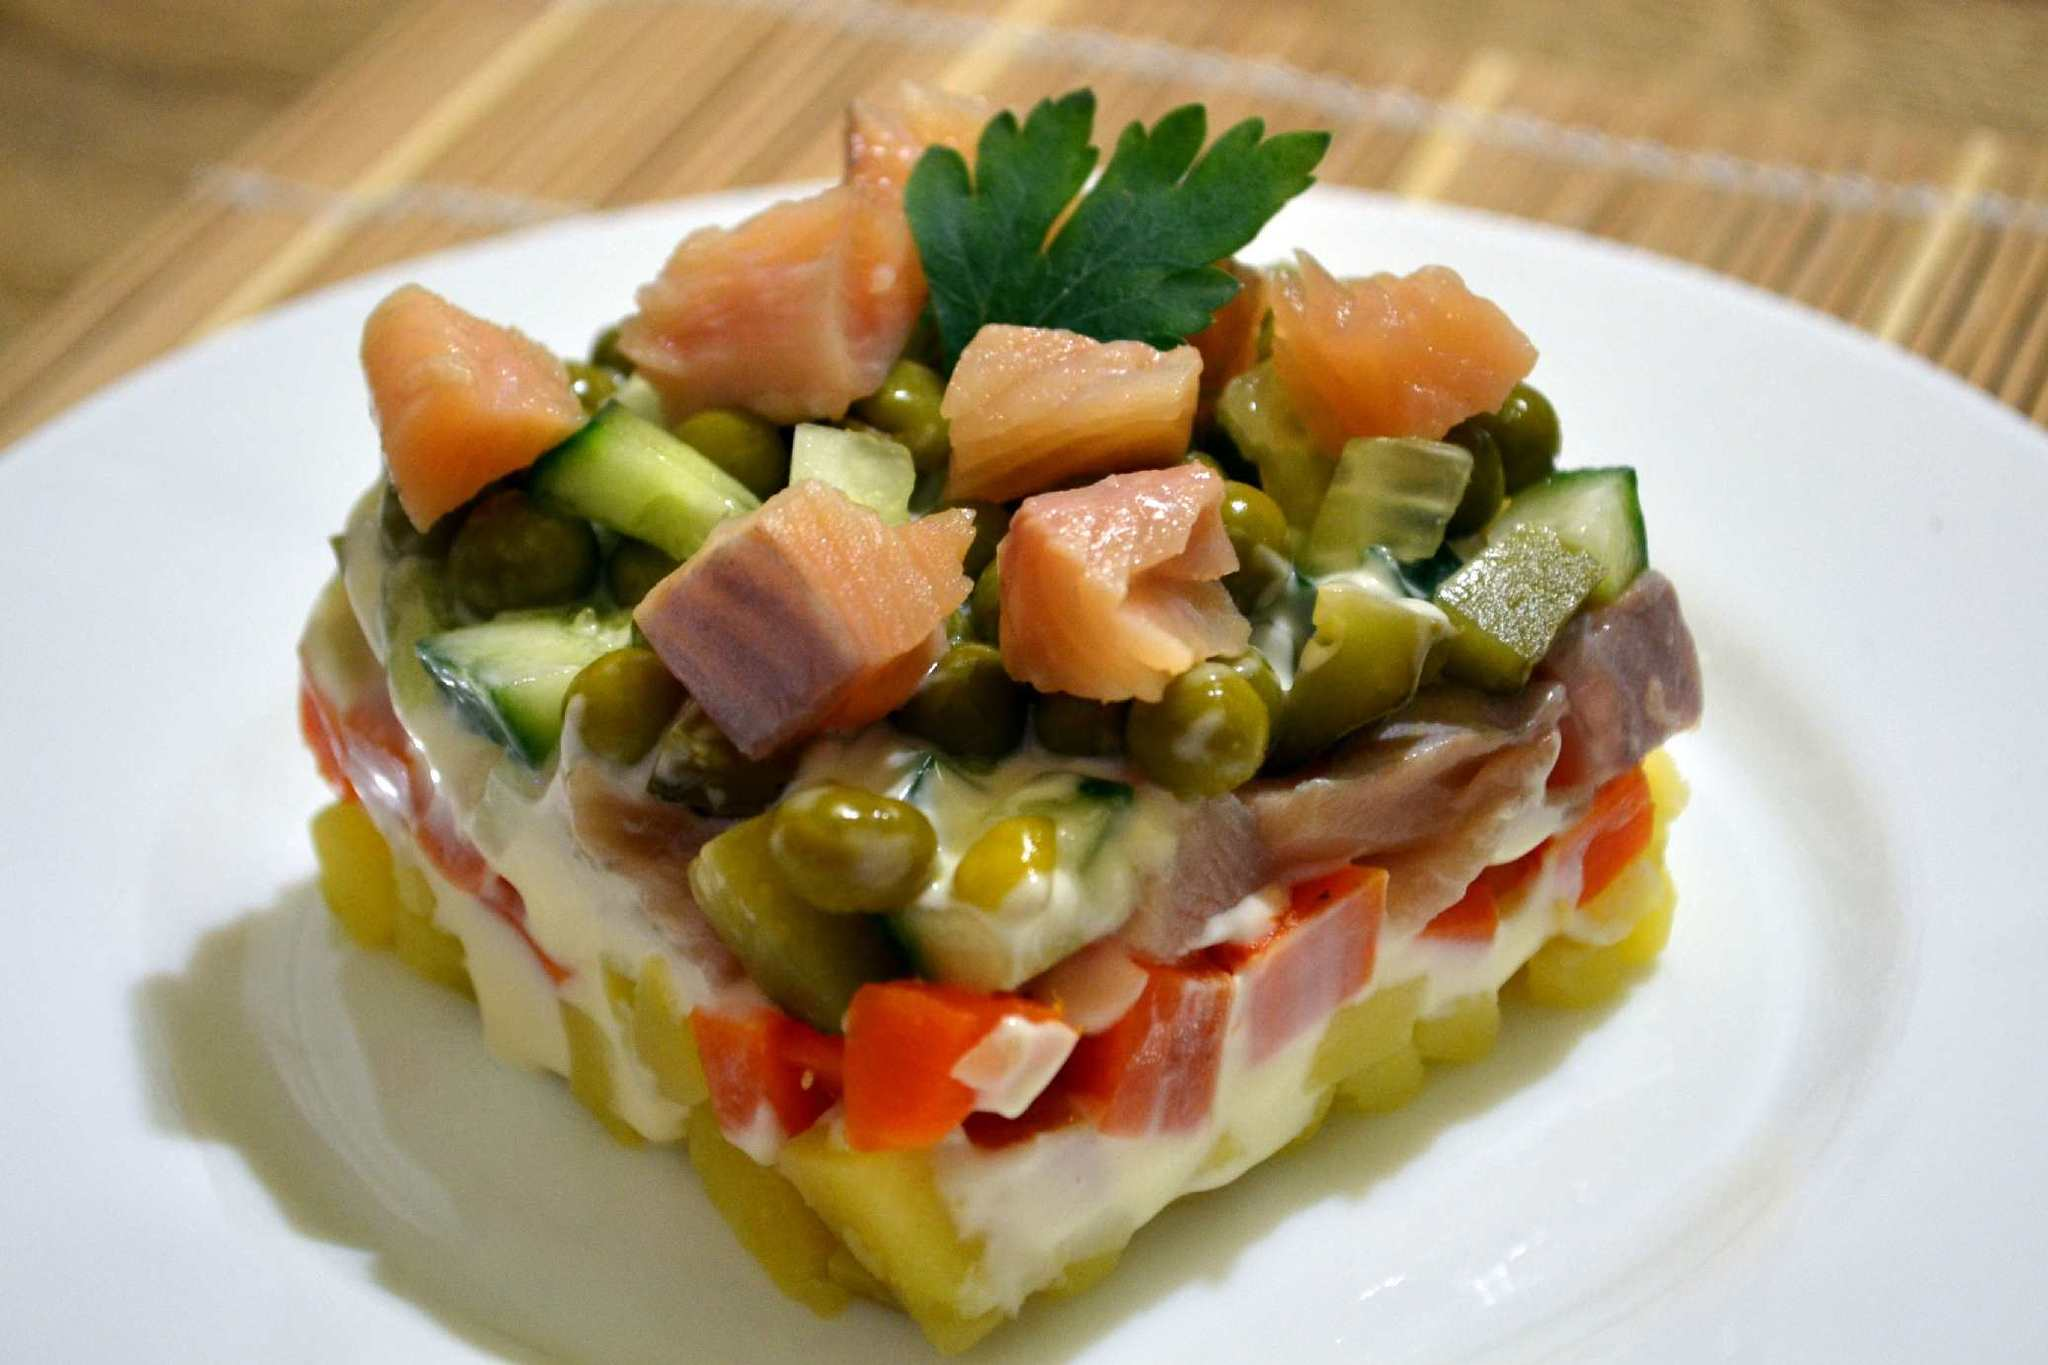 Салат оливье с радужной форелью (рецепт с фото)